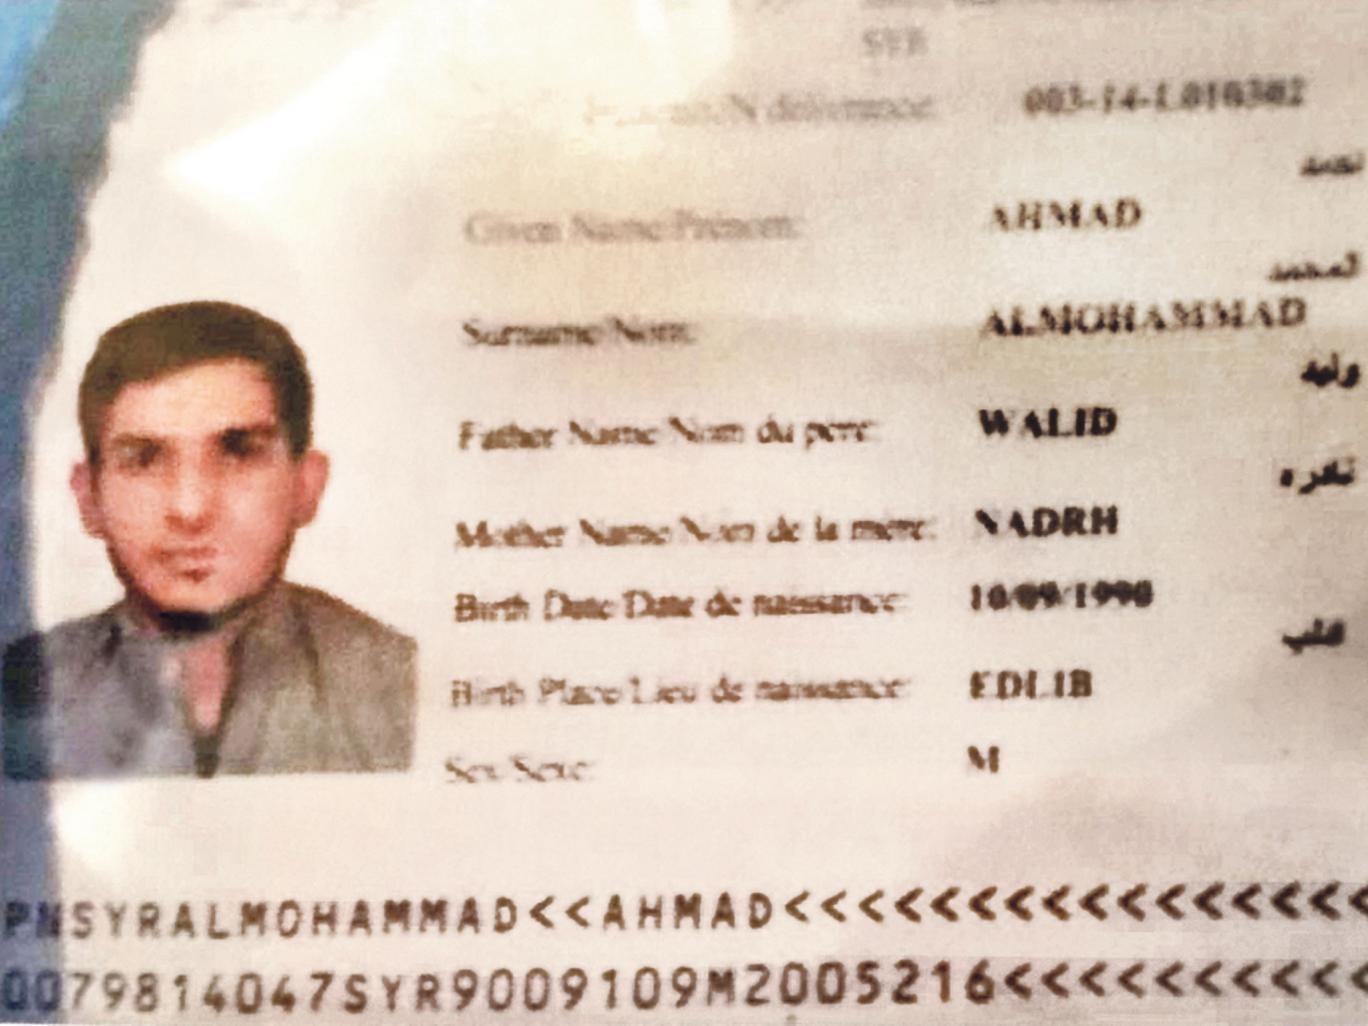 Un homme dont le passeport avait les mêmes données de celles du kamikaze de Paris arrêté en Serbie